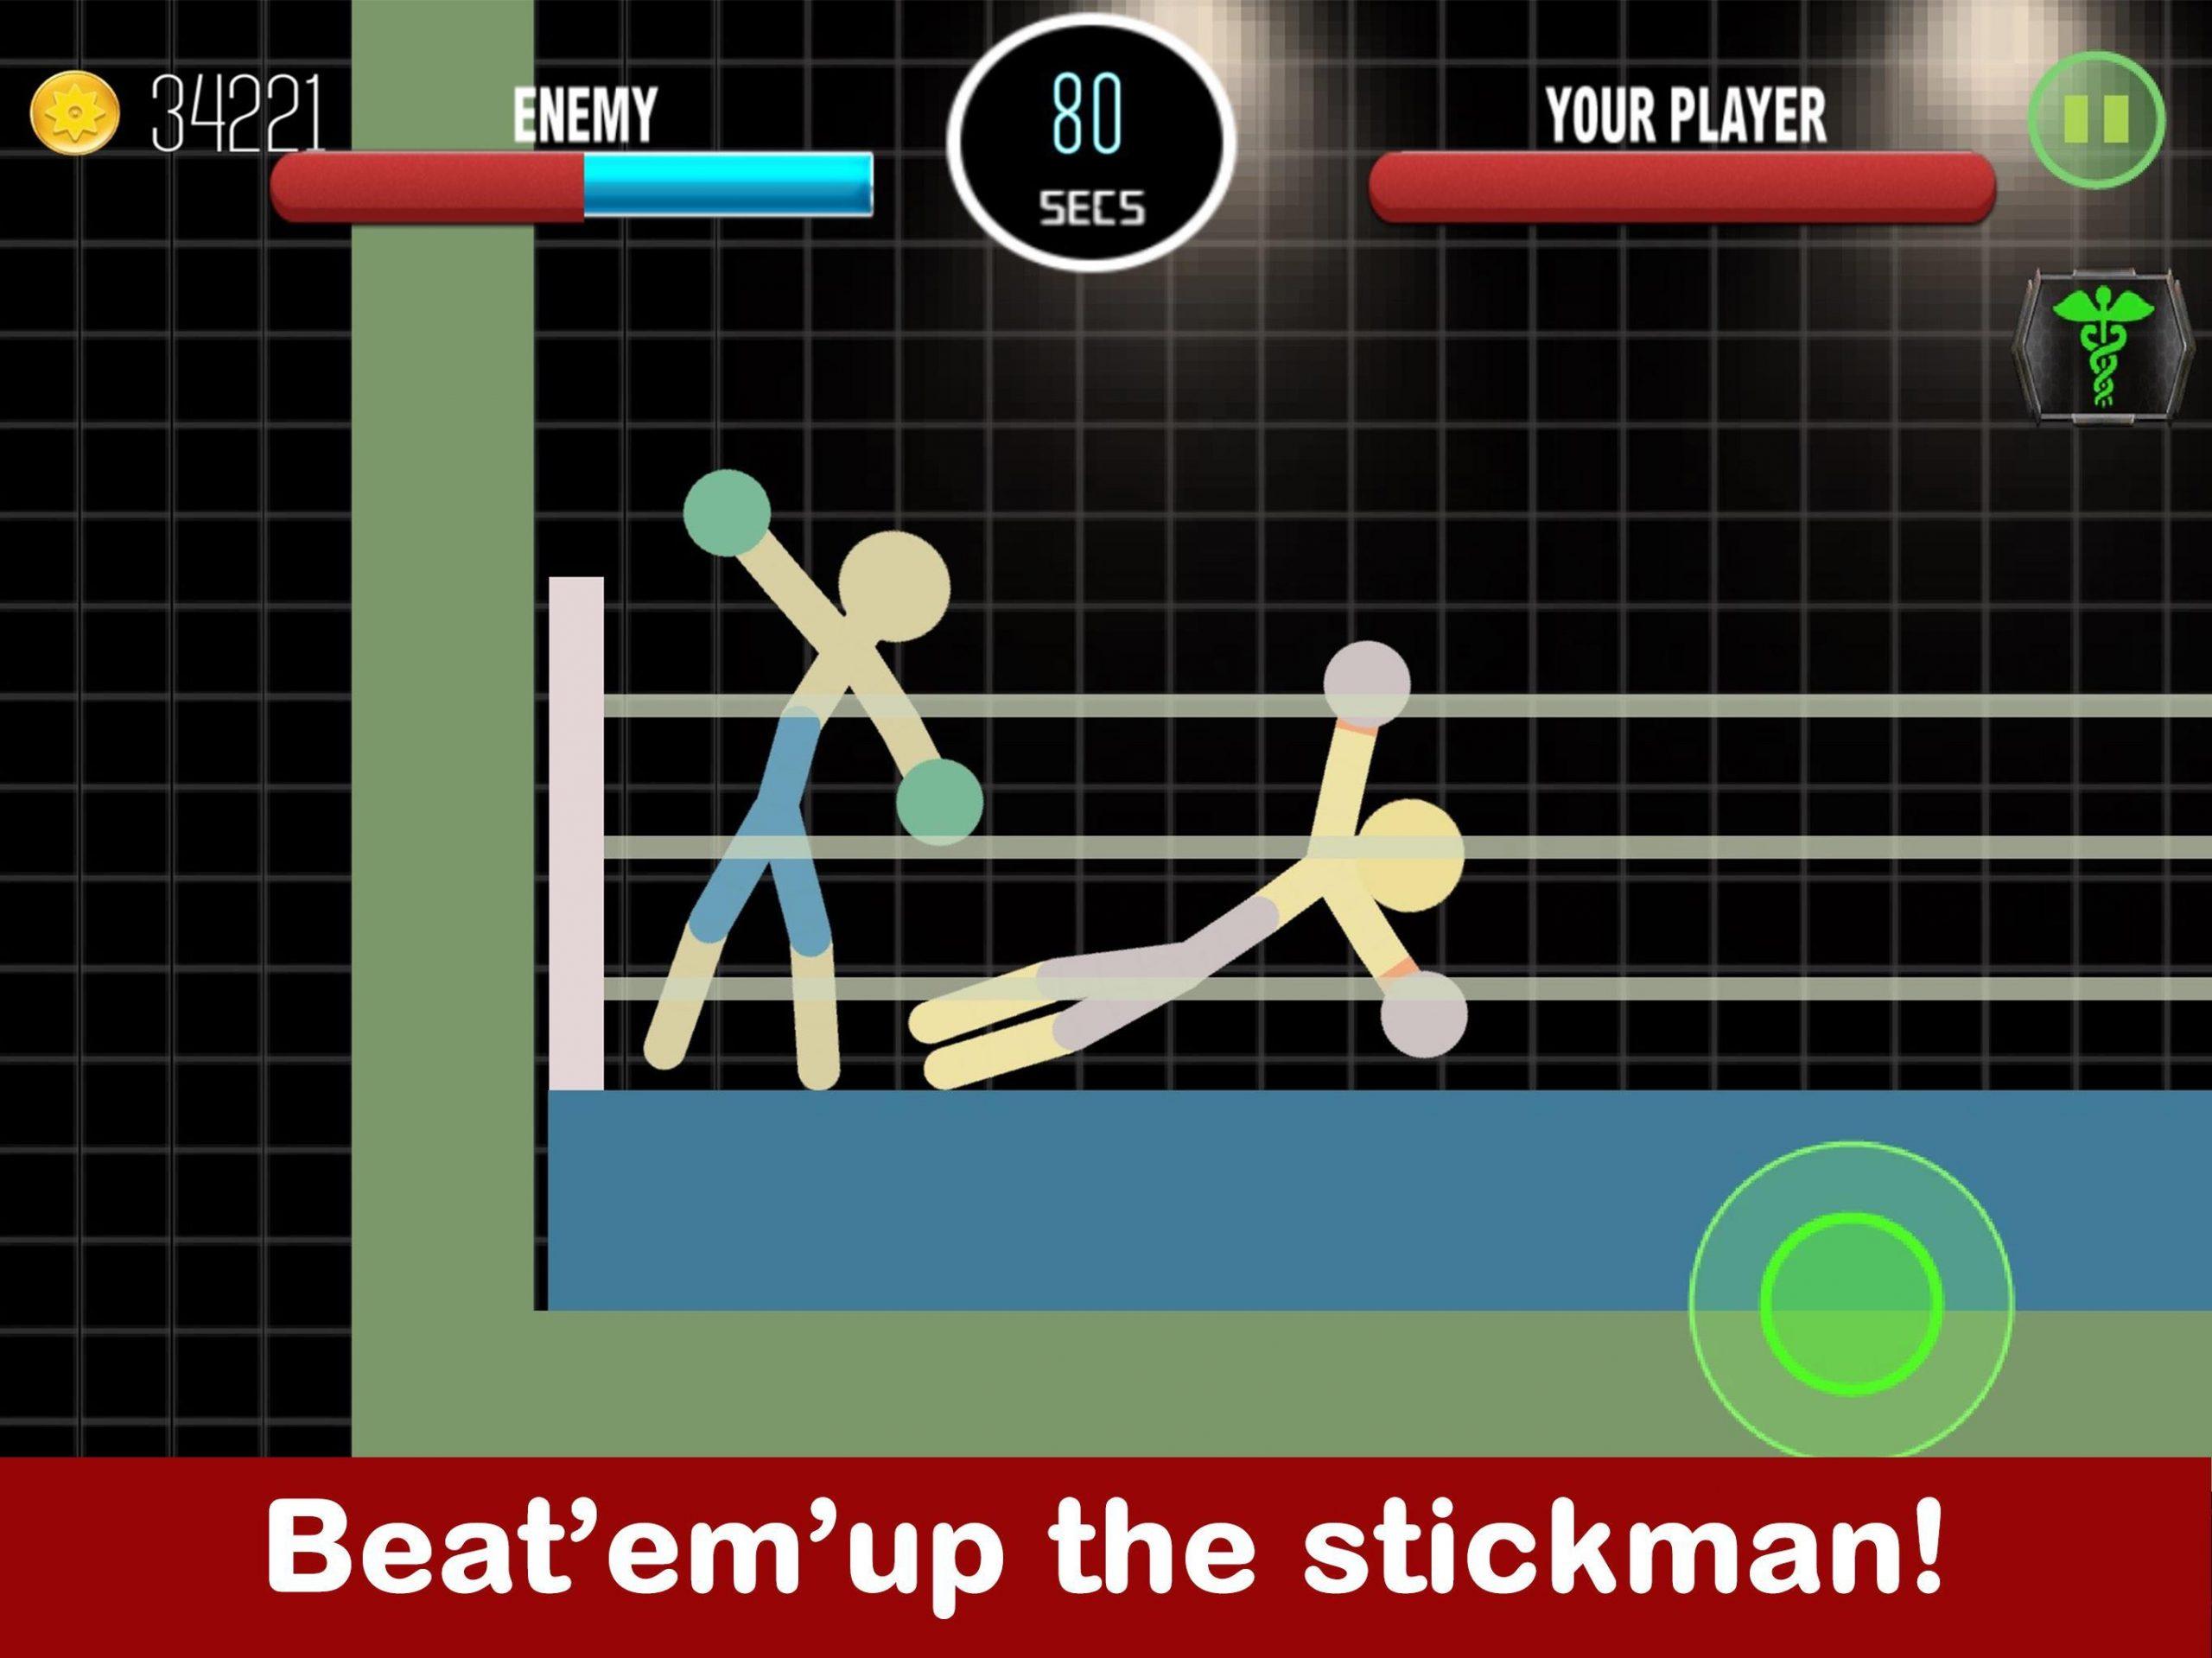 Stickman Fight 2 Player Jeux Pour Android - Téléchargez L'apk avec Jeux De Secs